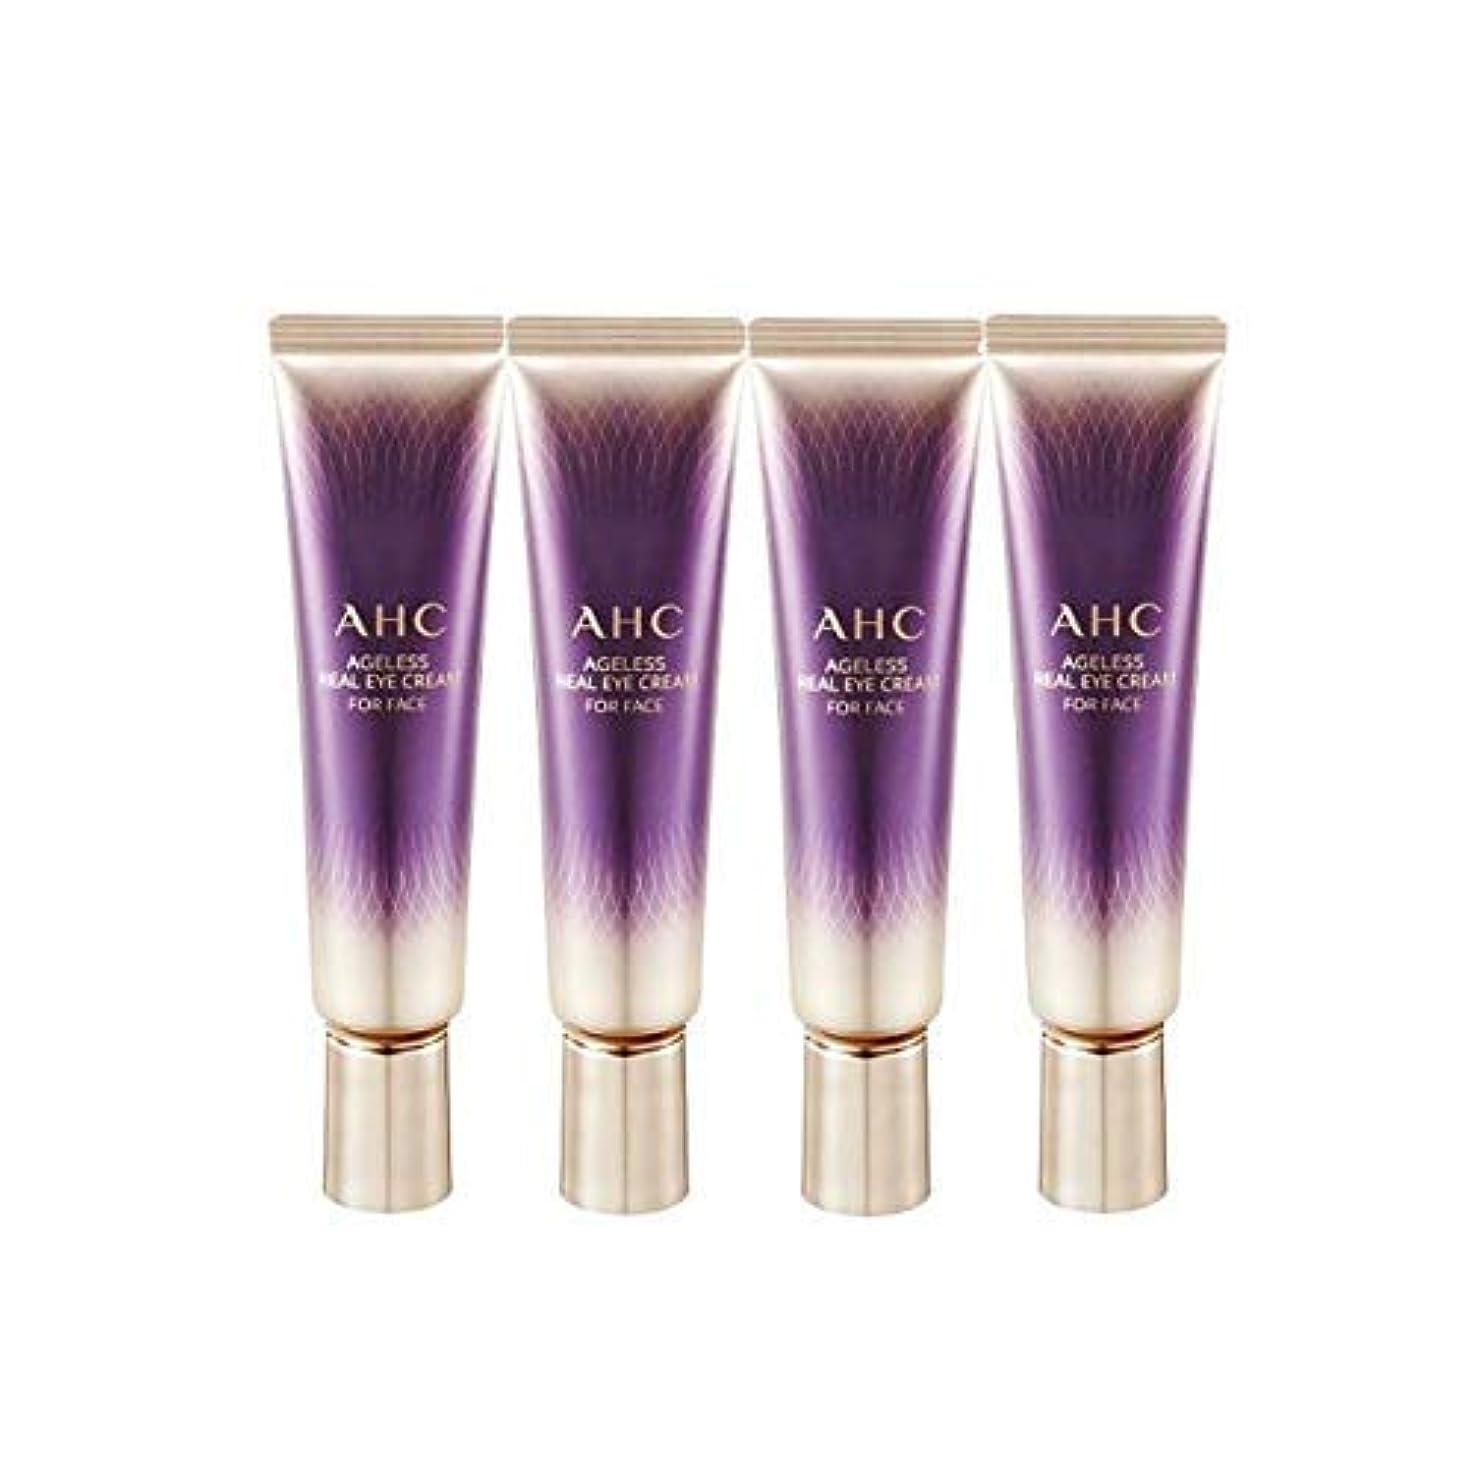 素晴らしい良い多くの繊細トランクAHC 2019 New Season 7 Ageless Real Eye Cream for Face 1 Fl Oz 30ml x 4 Anti-Wrinkle Brightness Contains Collagen